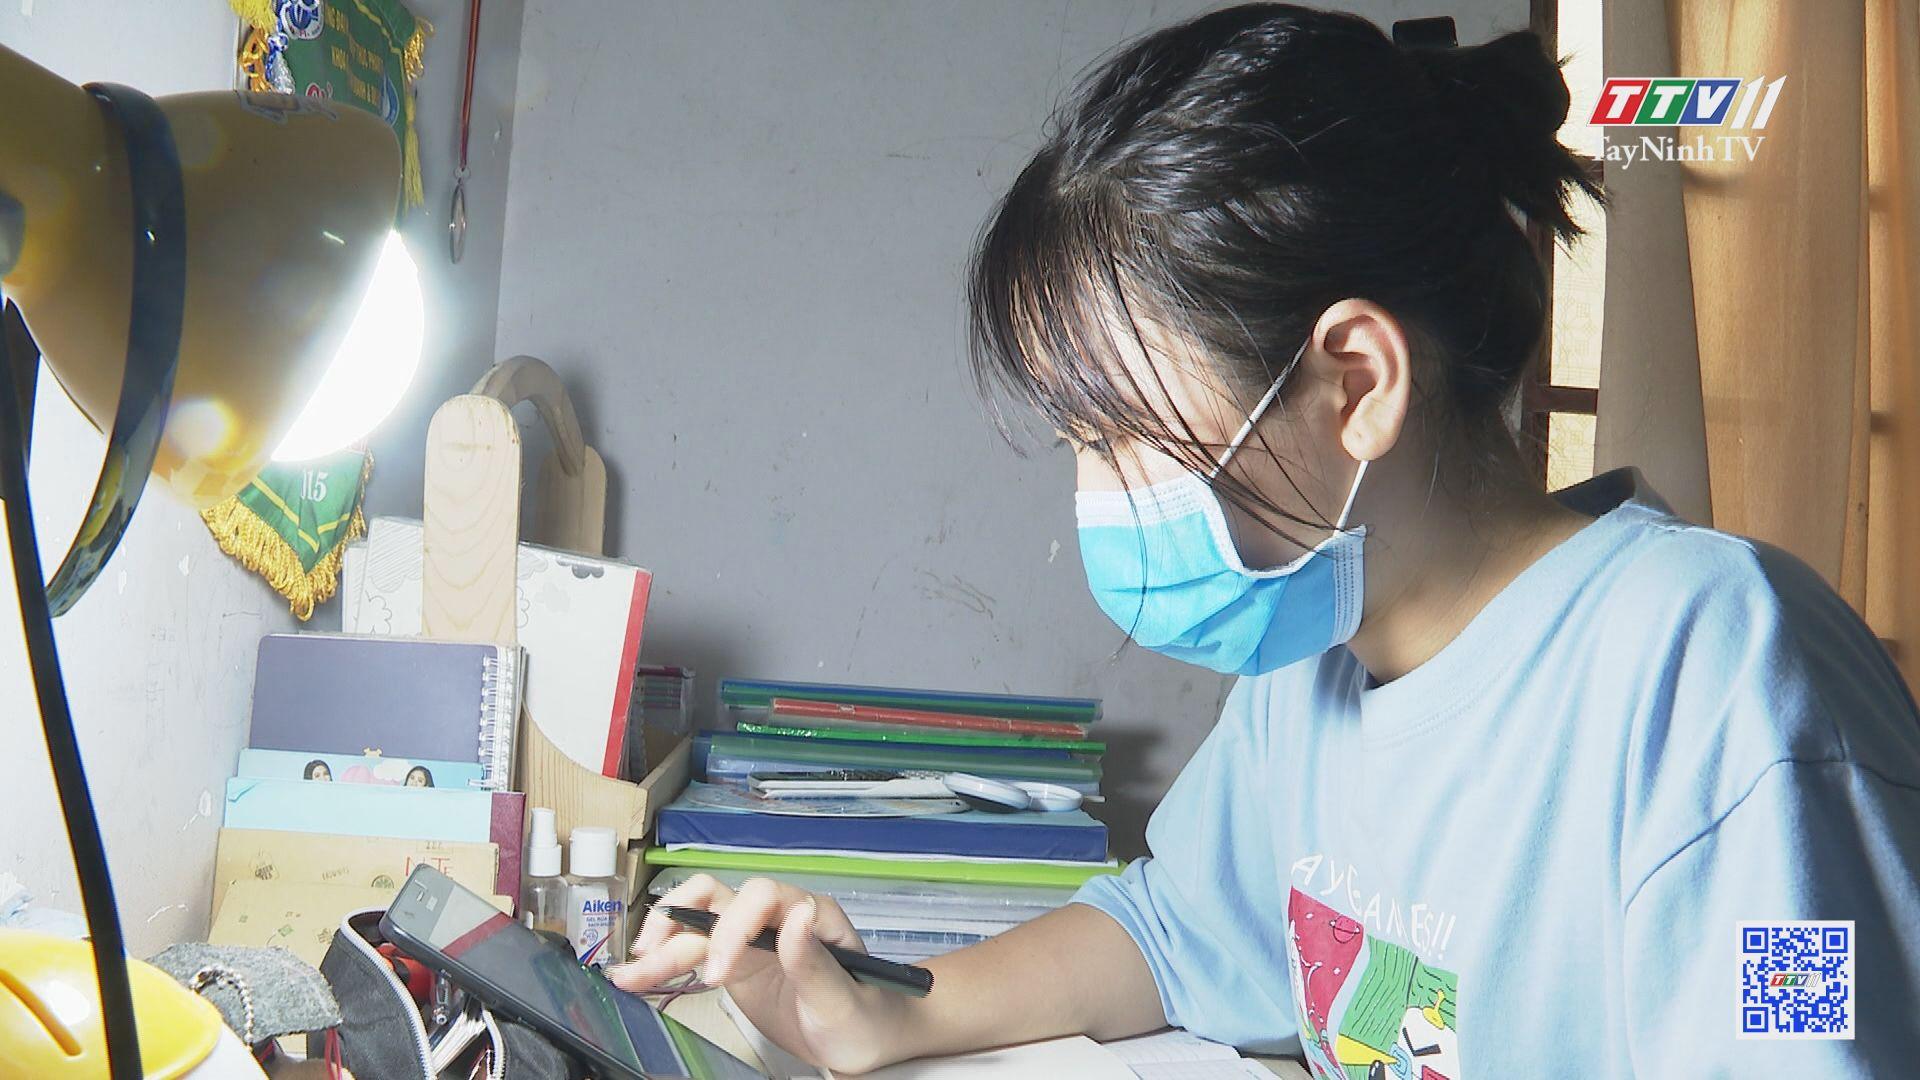 Học sinh tự giác ôn tập cho kỳ thi tốt nghiệp THPT năm 2021 | GIÁO DỤC & ĐÀO TẠO | TayNinhTV